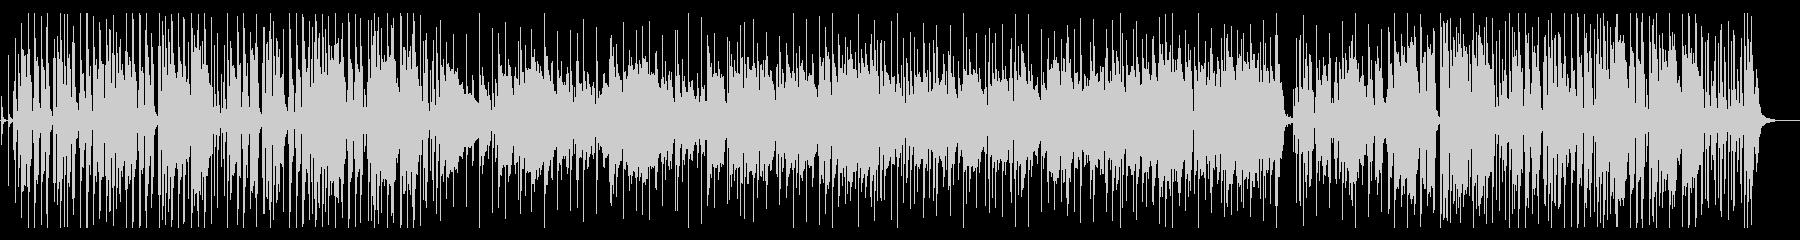 おしゃれなジャズフュージョンの未再生の波形